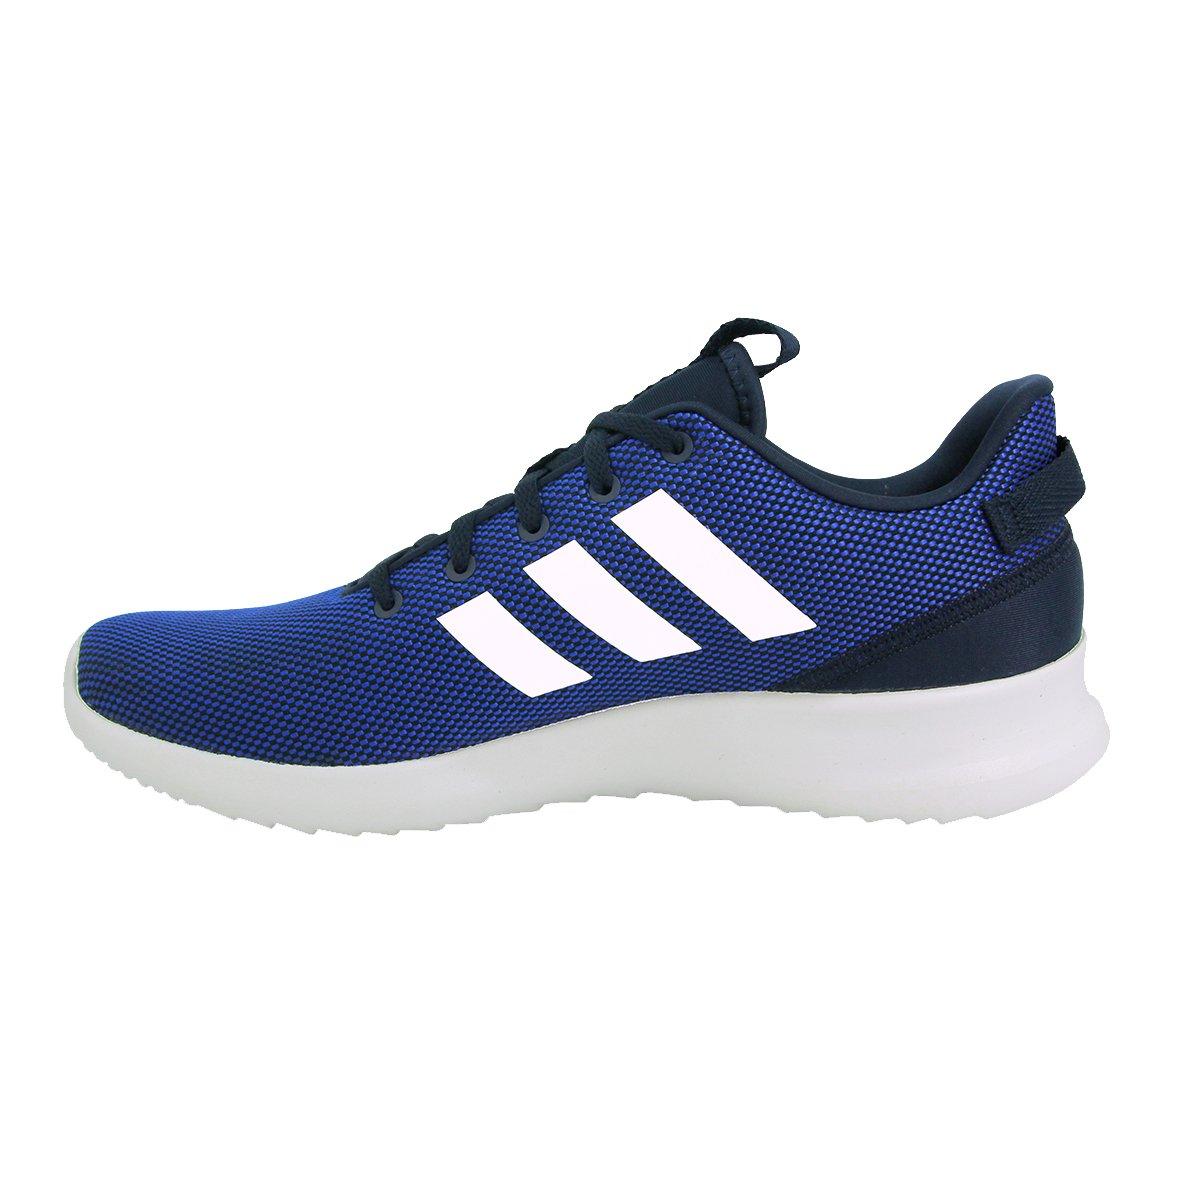 Adidas CF Racer TR, Zapatillas de Gimnasia para Hombre Hombre Hombre 753286